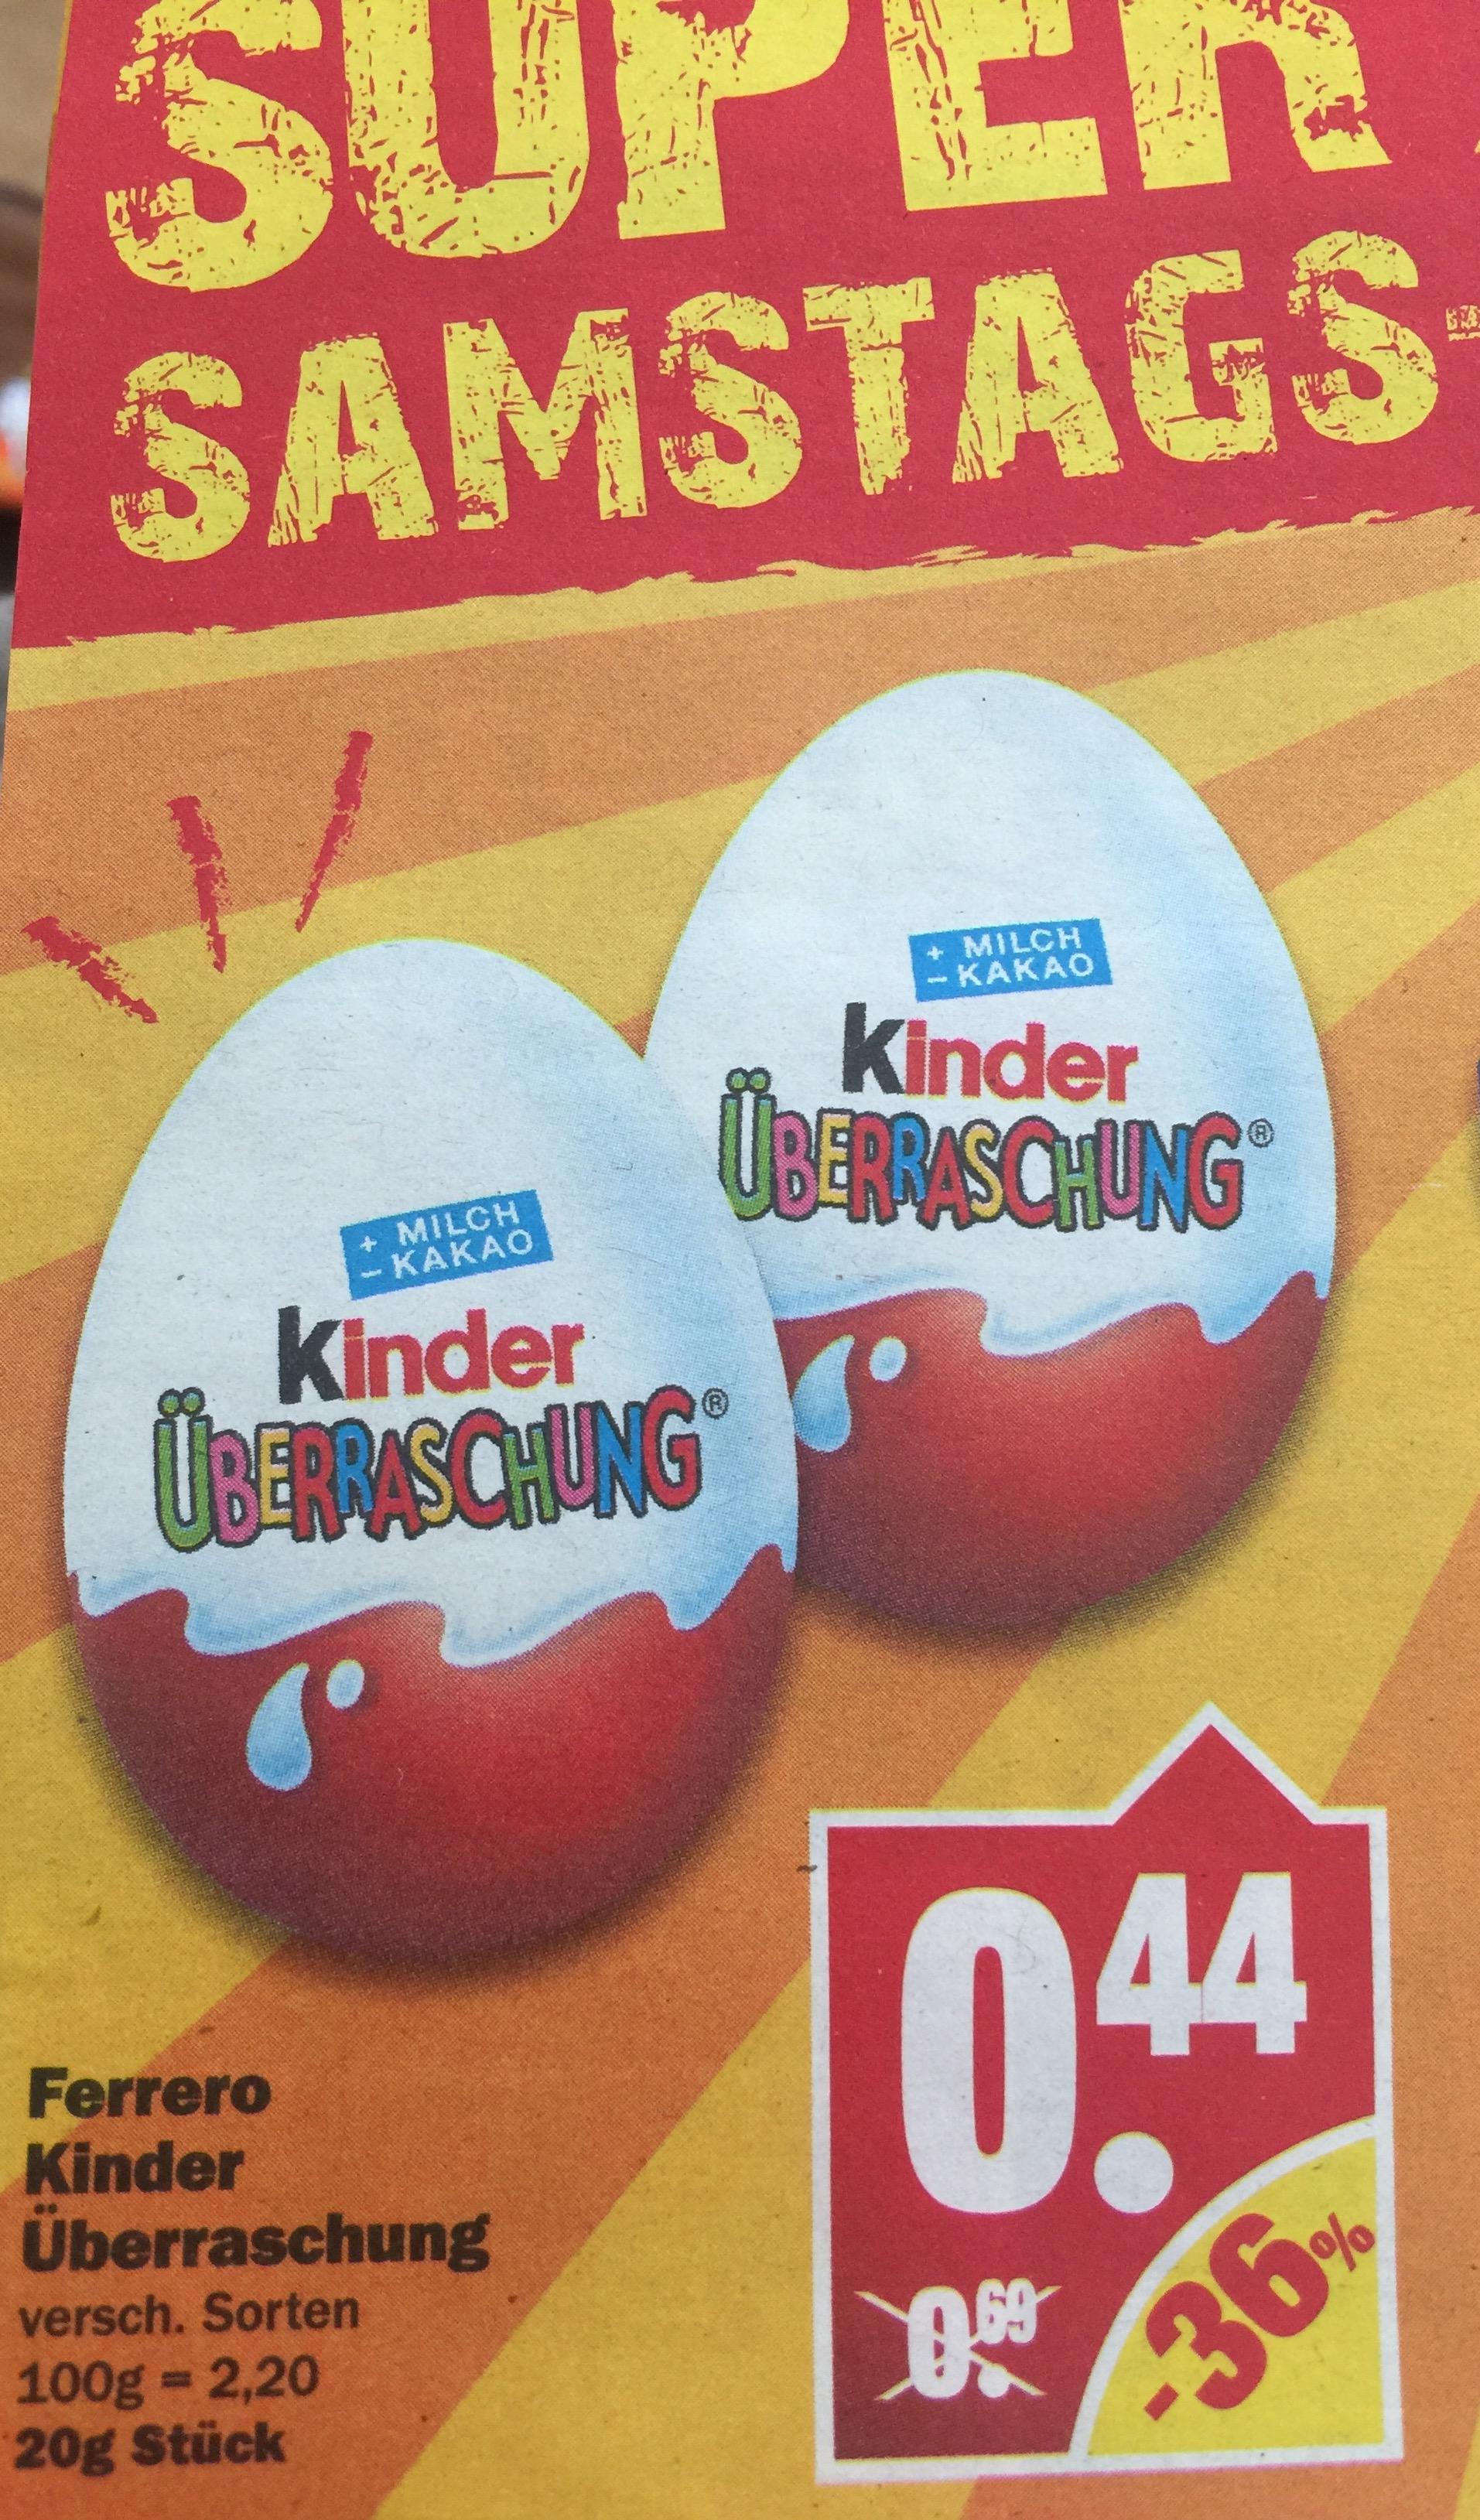 Kinder Überraschung Ü-Ei für 0,44€ [NP am 18.03]